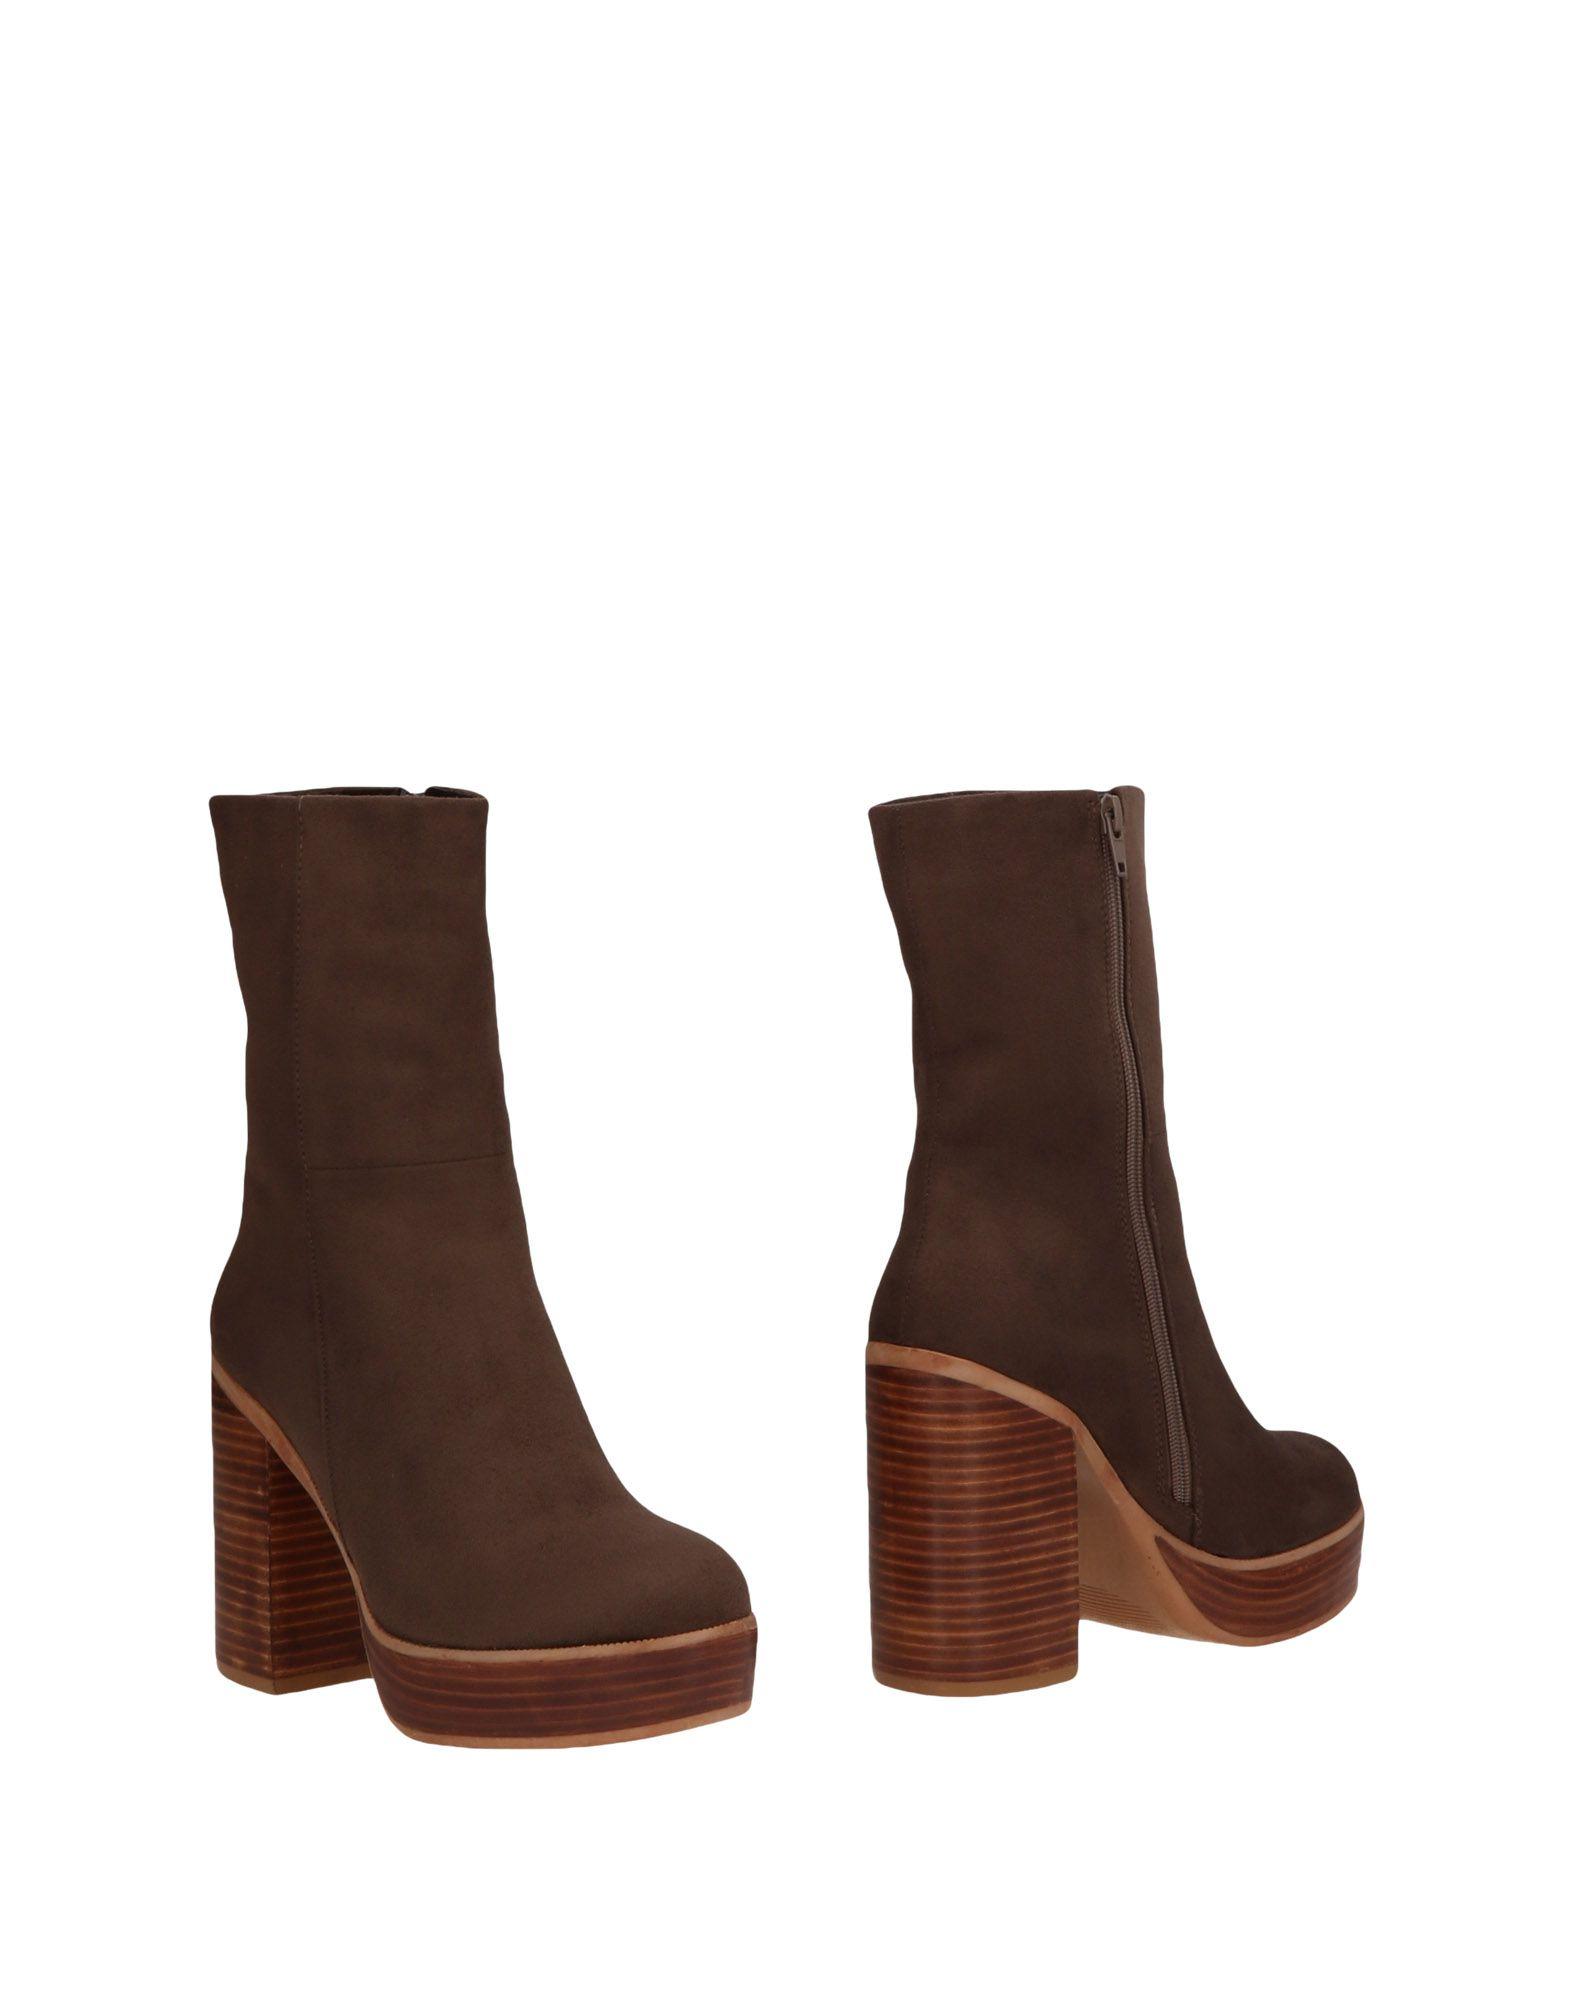 Police 883 Stiefelette Damen beliebte  11475570RE Gute Qualität beliebte Damen Schuhe daefdb